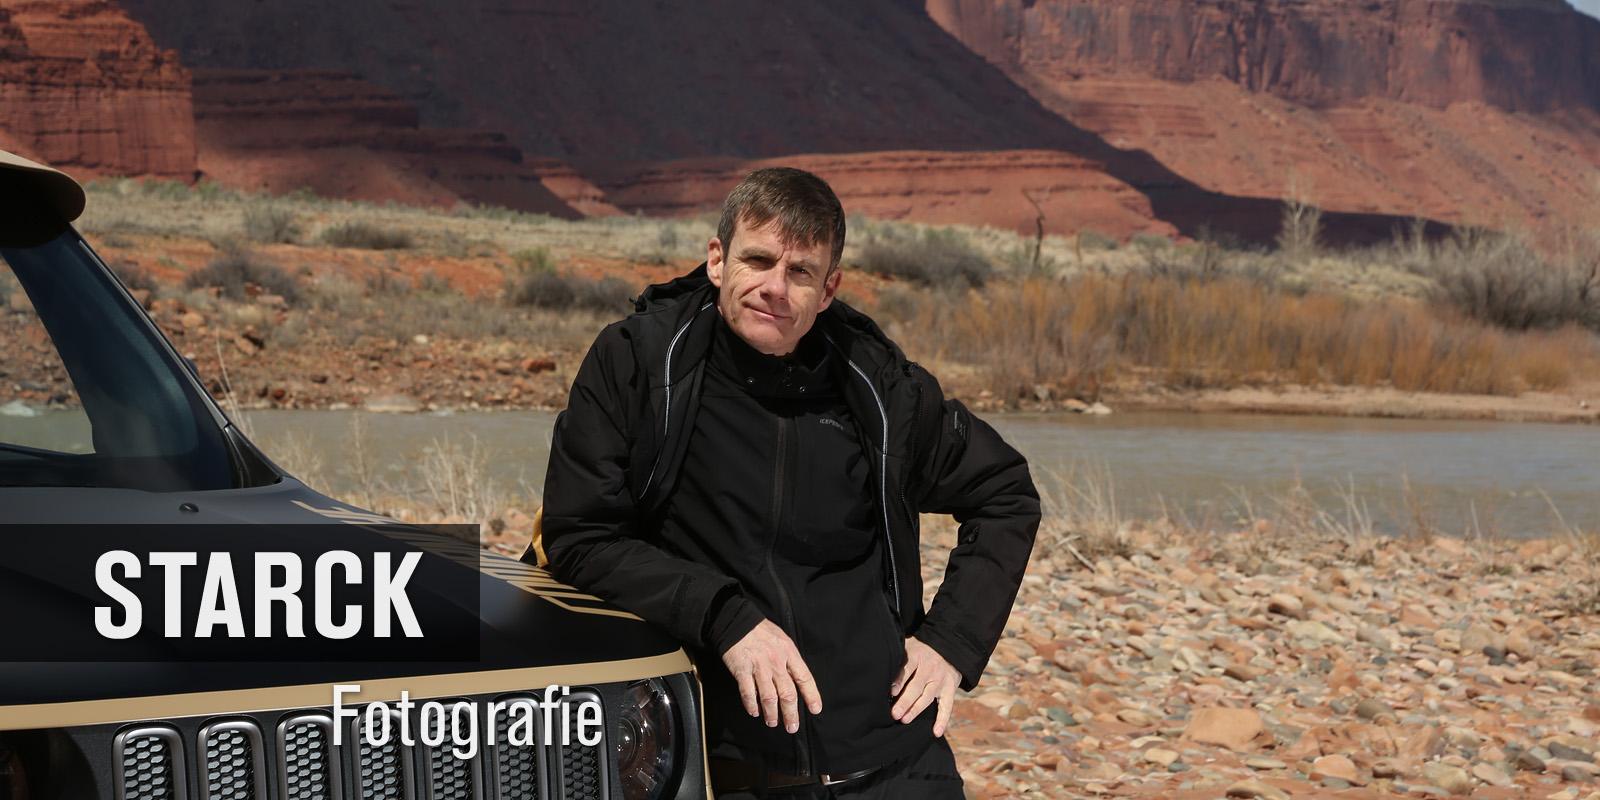 Autofotografie JEEP USA - Thomas Starck Autofotografie